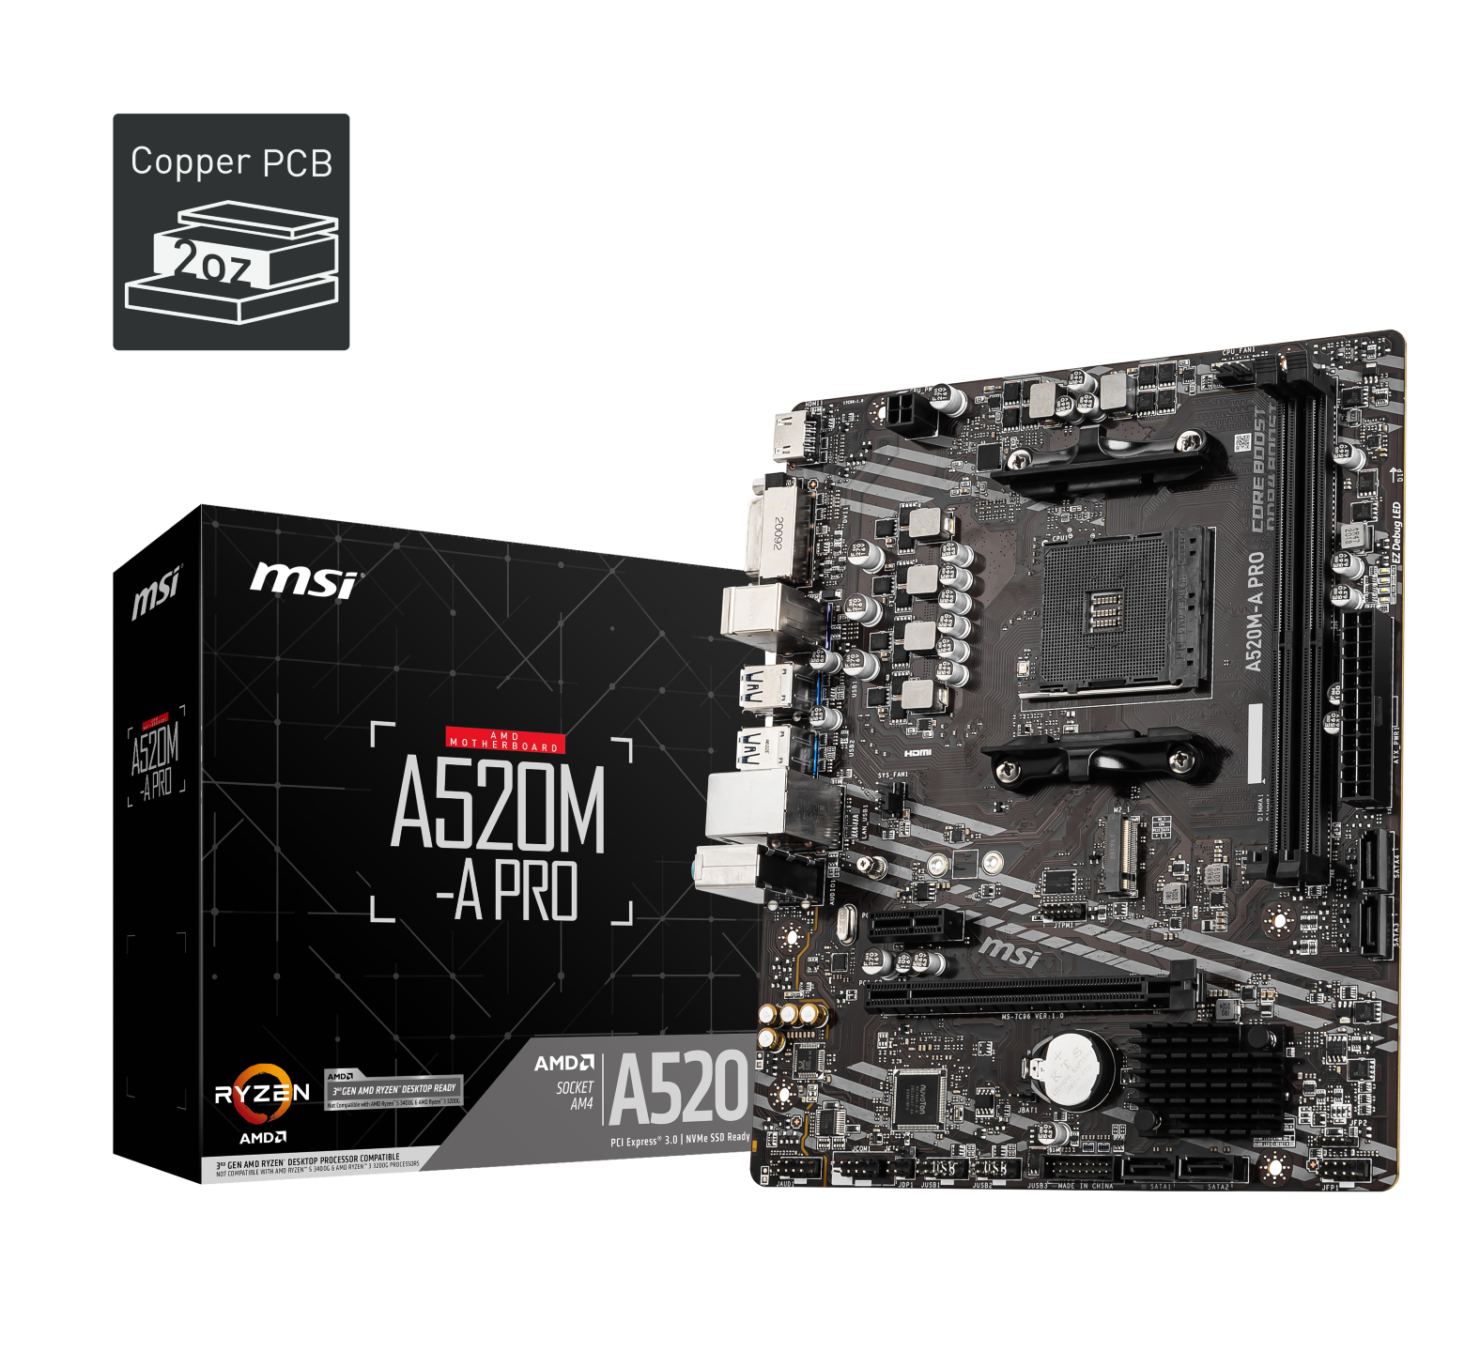 msi-a520m-a_pro-box2-custom